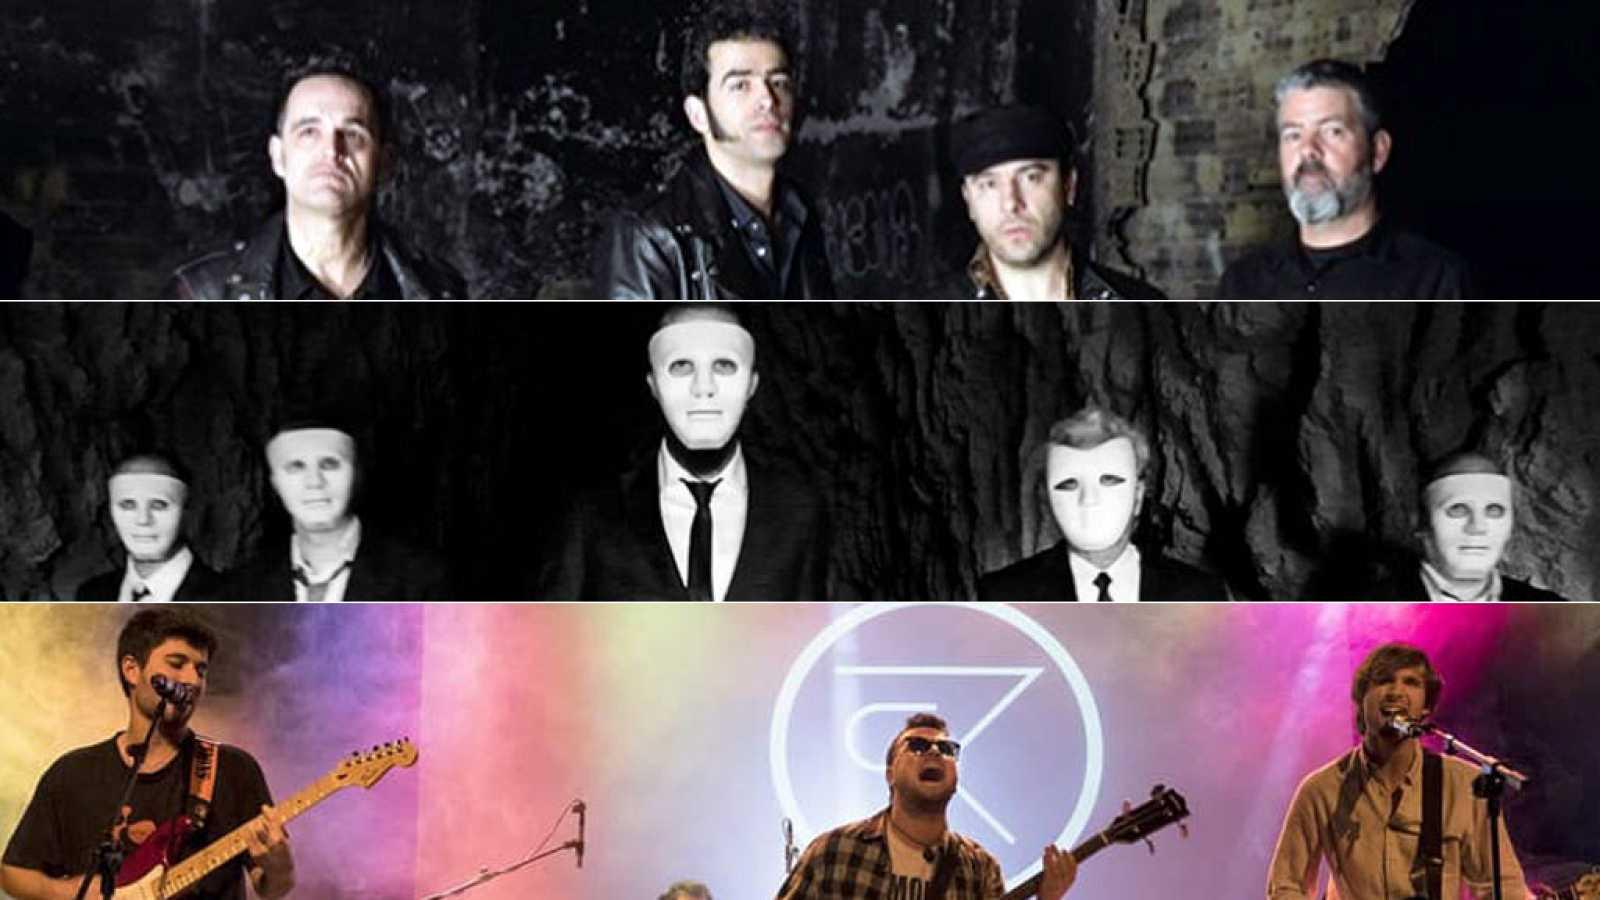 Entre dos luces - Los Fusiles, Six in Town y Anden 97 - 04/09/19 - escuchar ahora